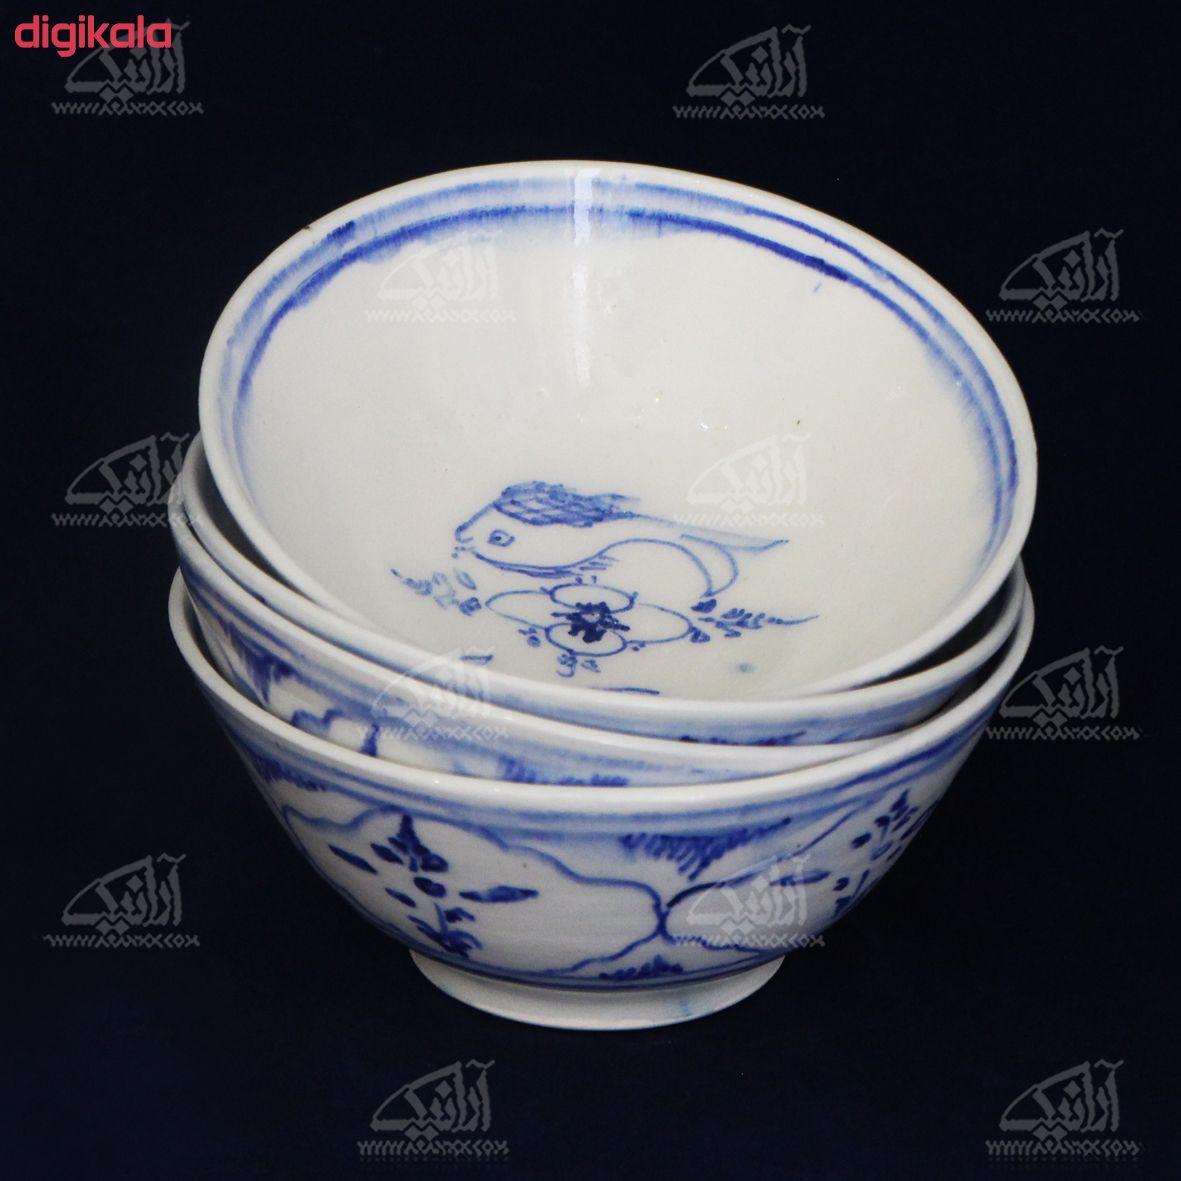 کاسه بشقاب سفالی نقاشی زیر لعابی    رنگ سفید  طرح ماهی  مدل 1003700008 main 1 15